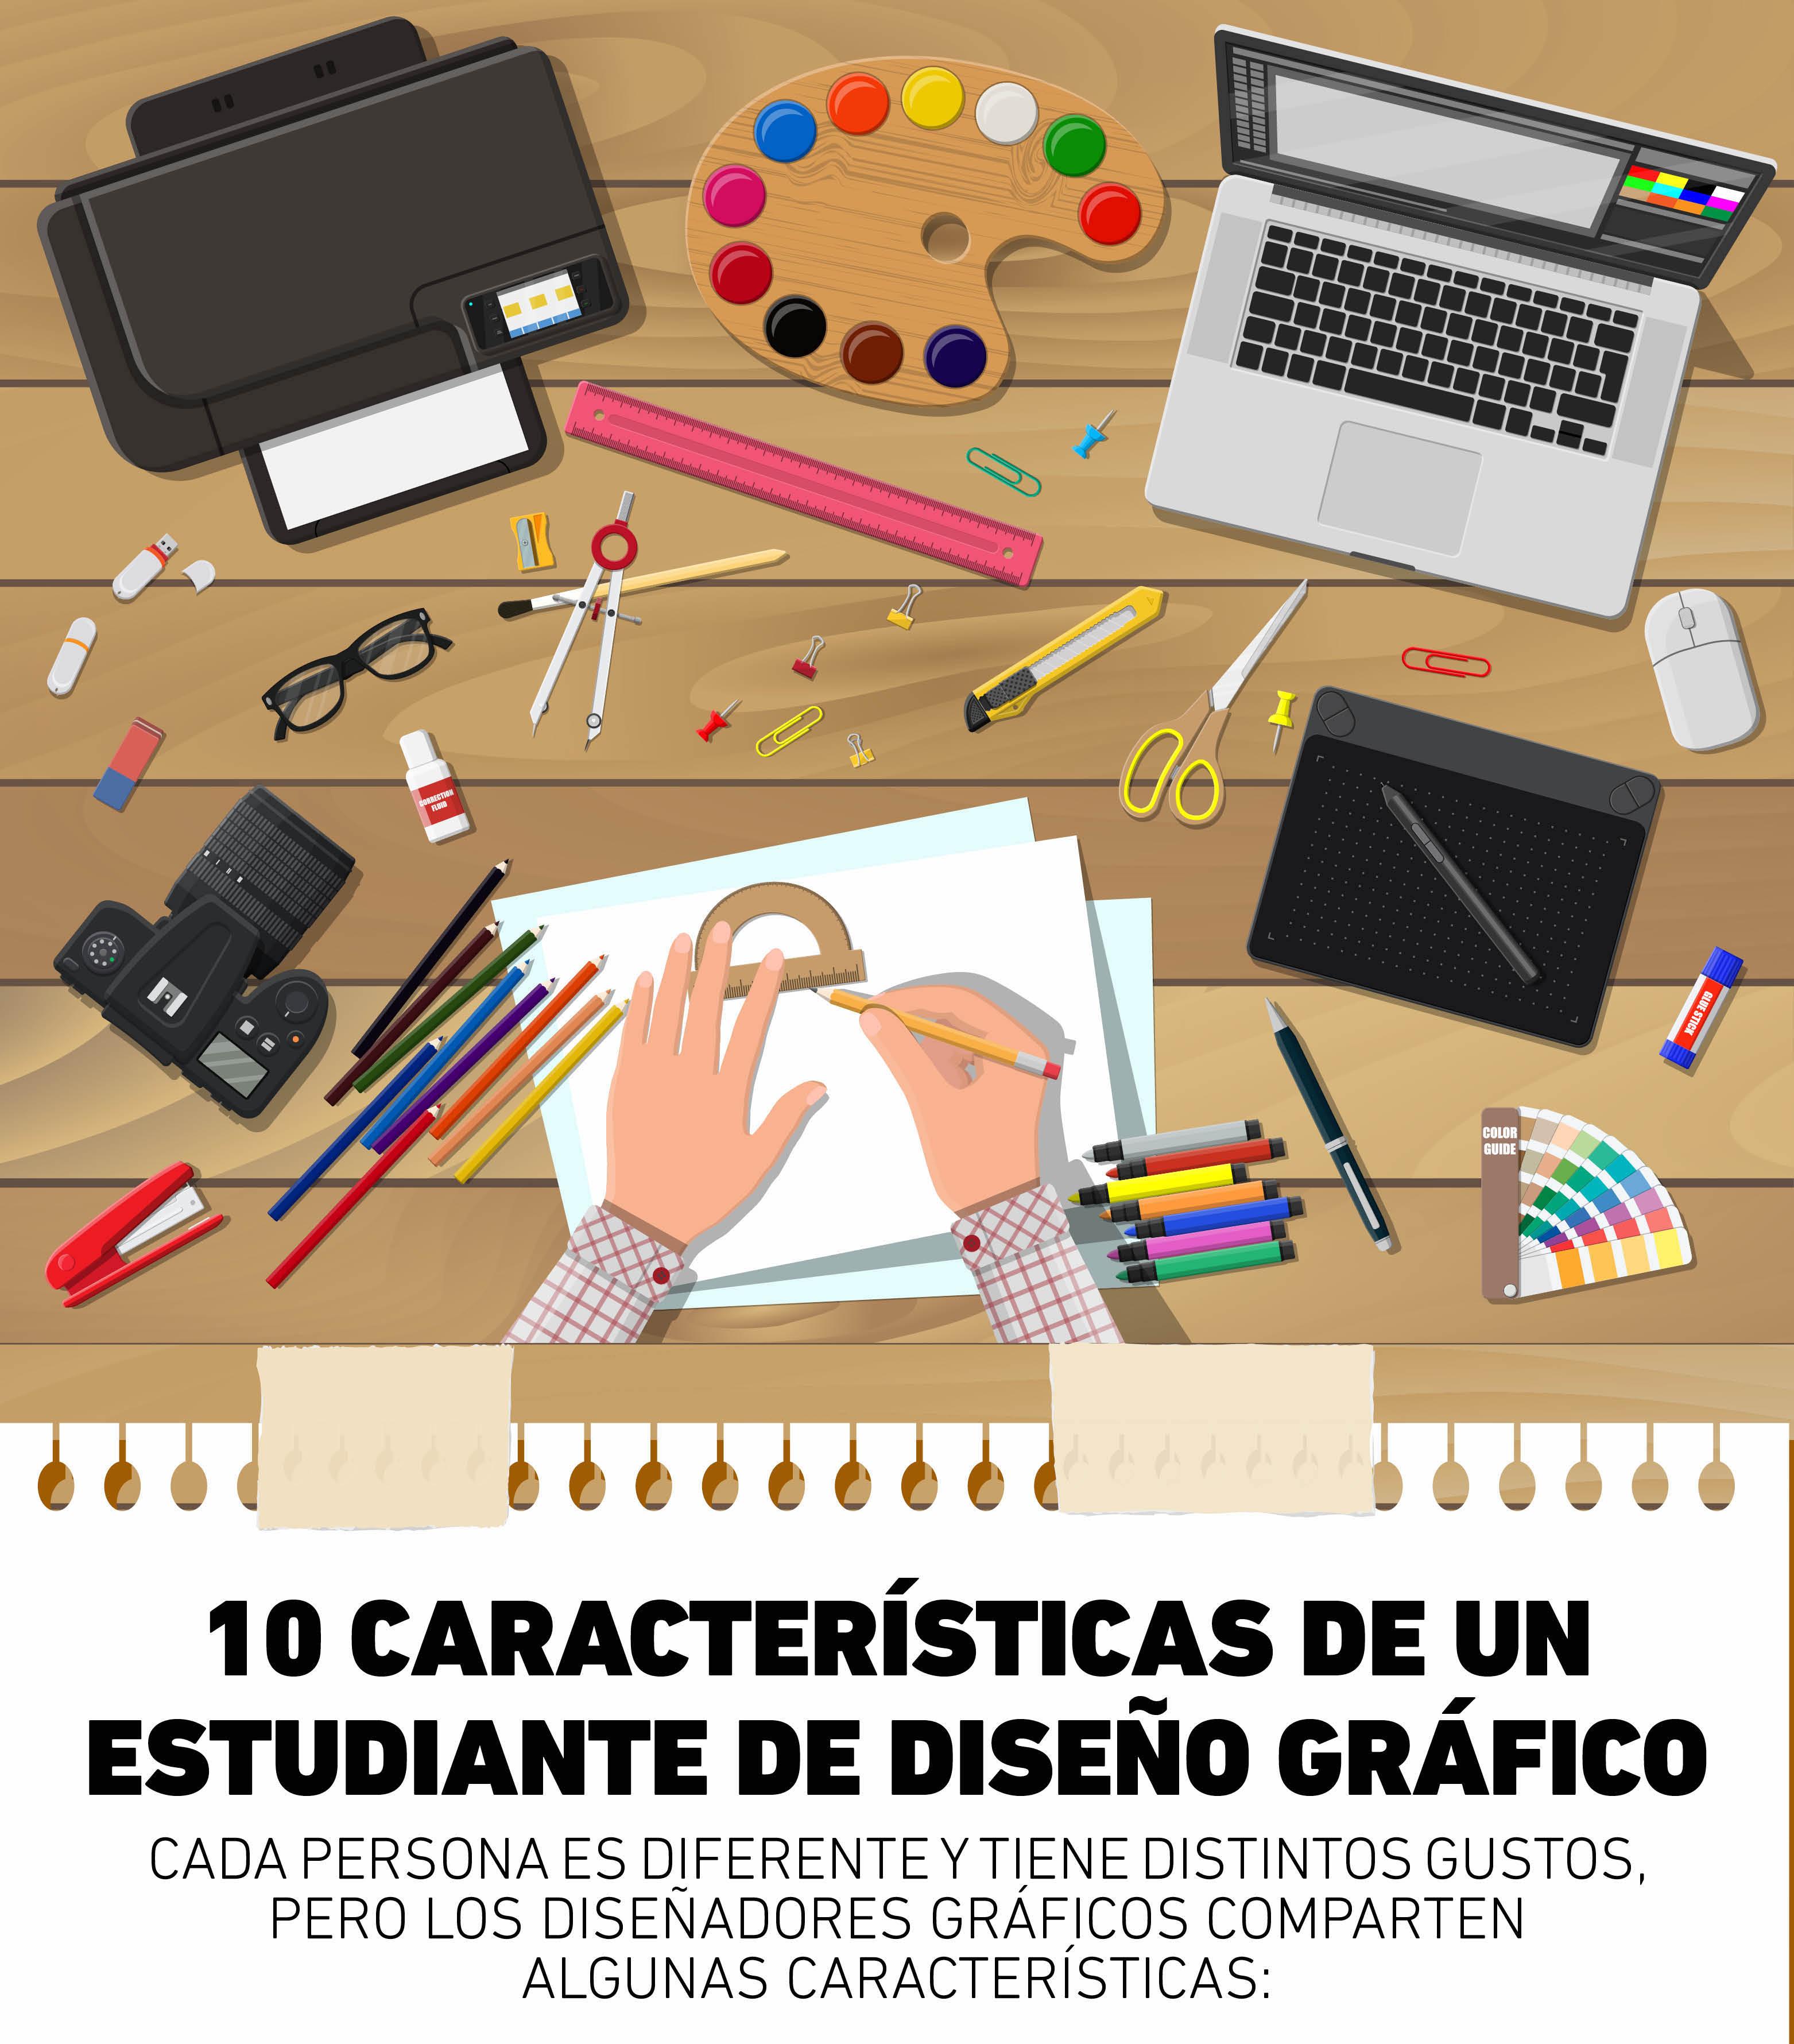 Aunque todos tienen personalidades diferentes, existen características de un estudiante de diseño gráfico que los hace identificarse entre todos.